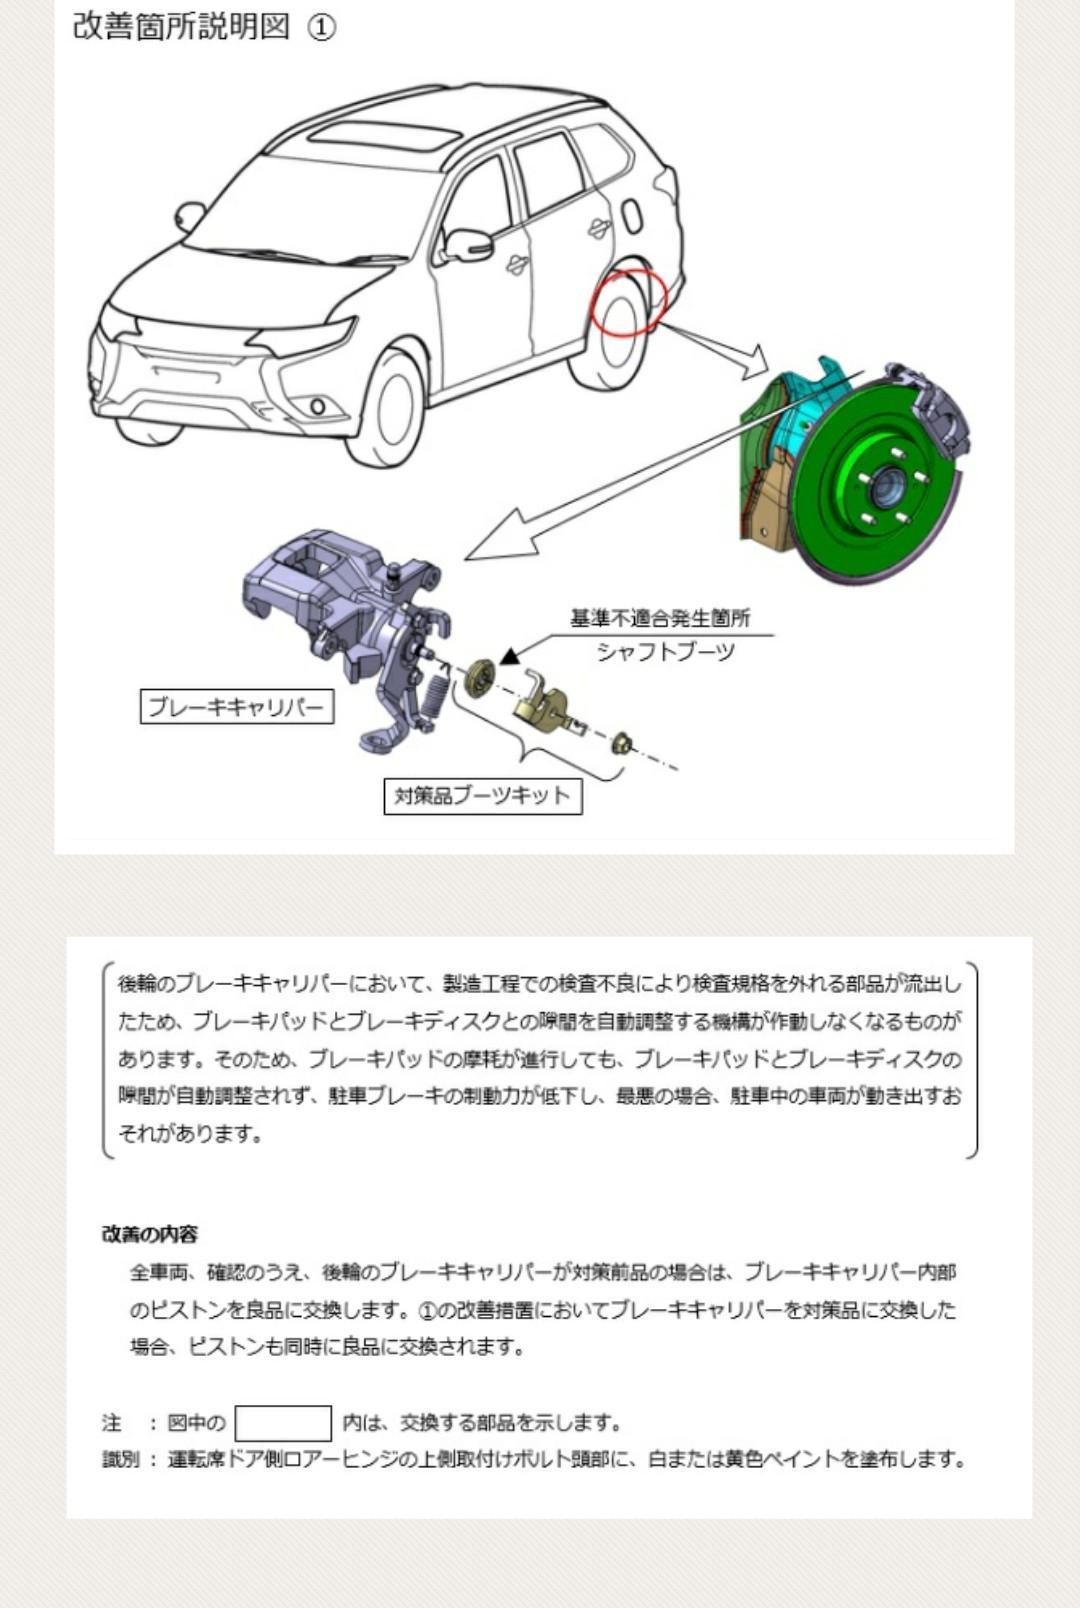 アウトランダーPHEV 後輪ブレーキ リコール